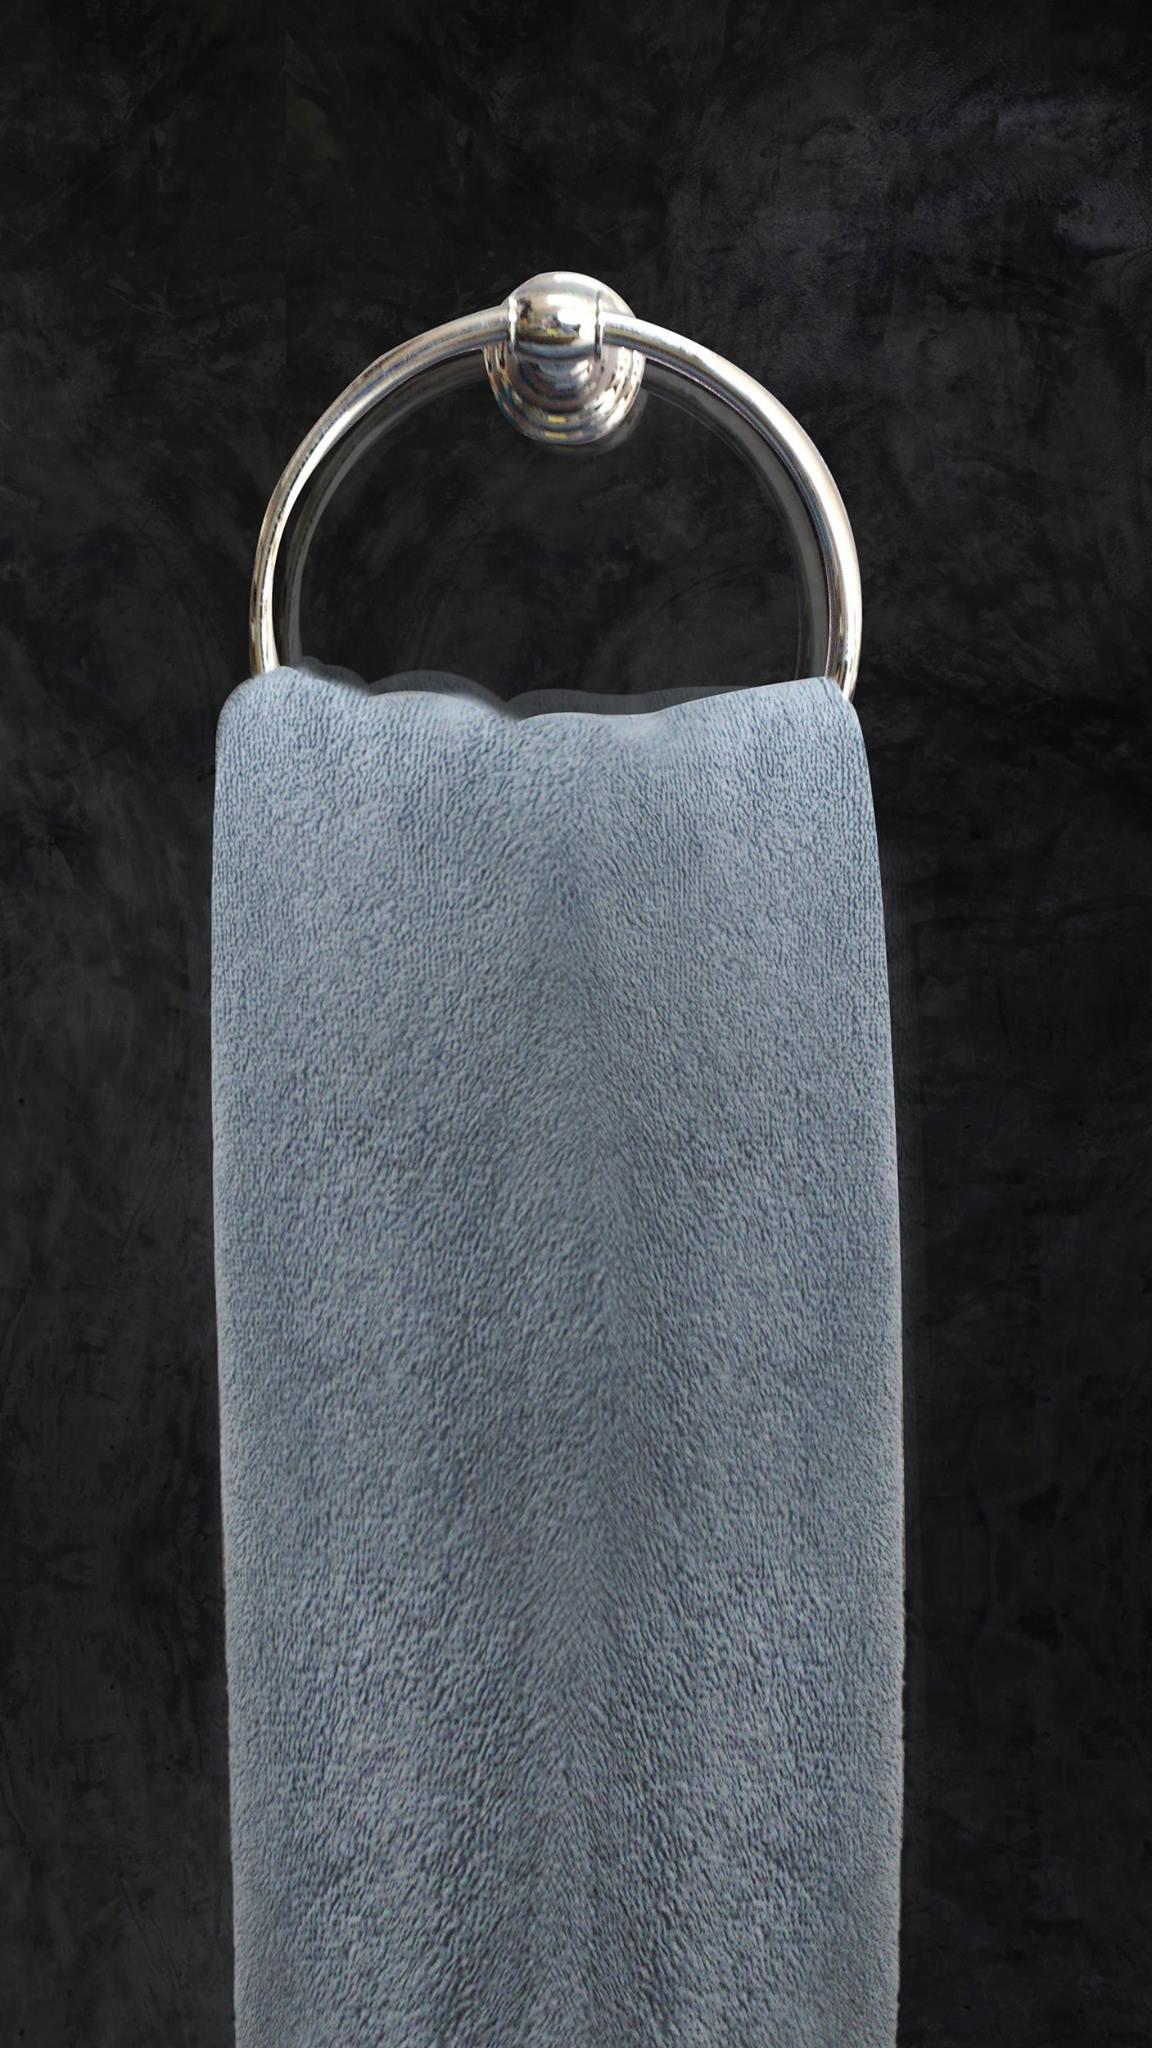 ผ้าขนหนู-สีเทา 16 p. (12 pcs./pack) STK_TWLG004